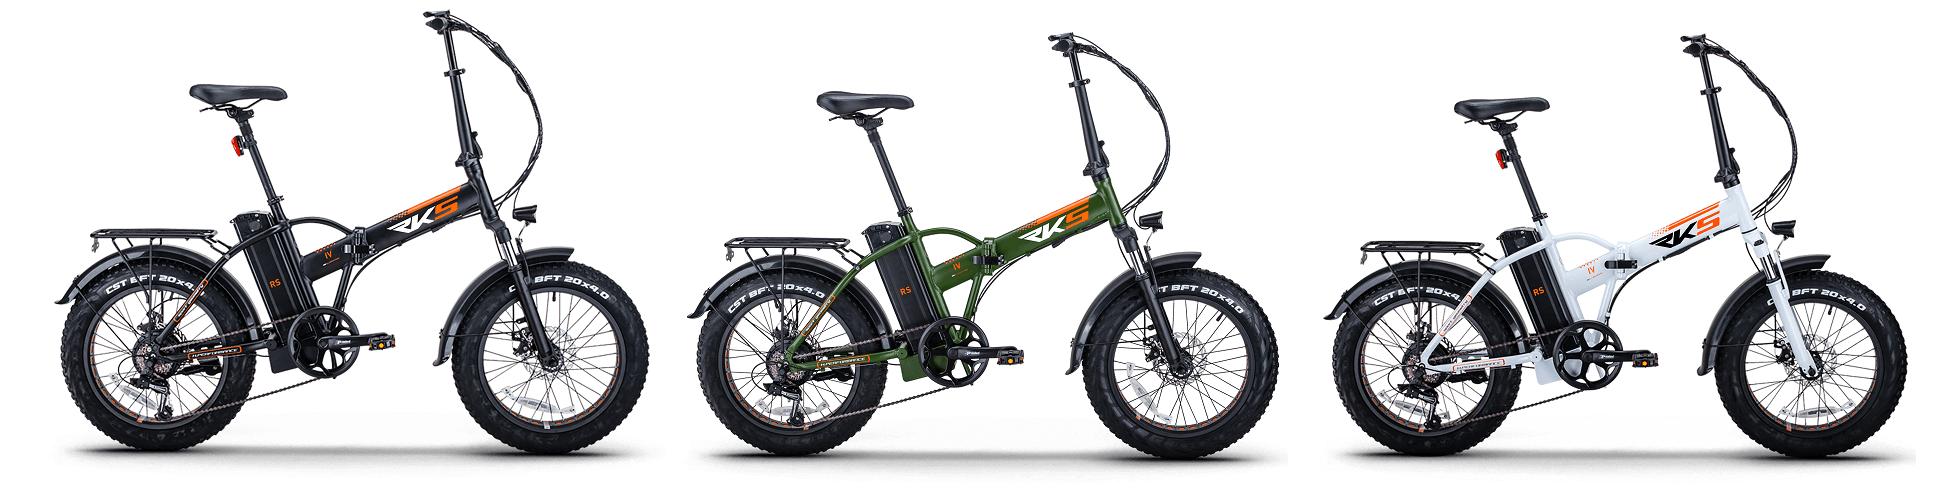 elektricni sklopivi bicikl RKS RS IV (banner)